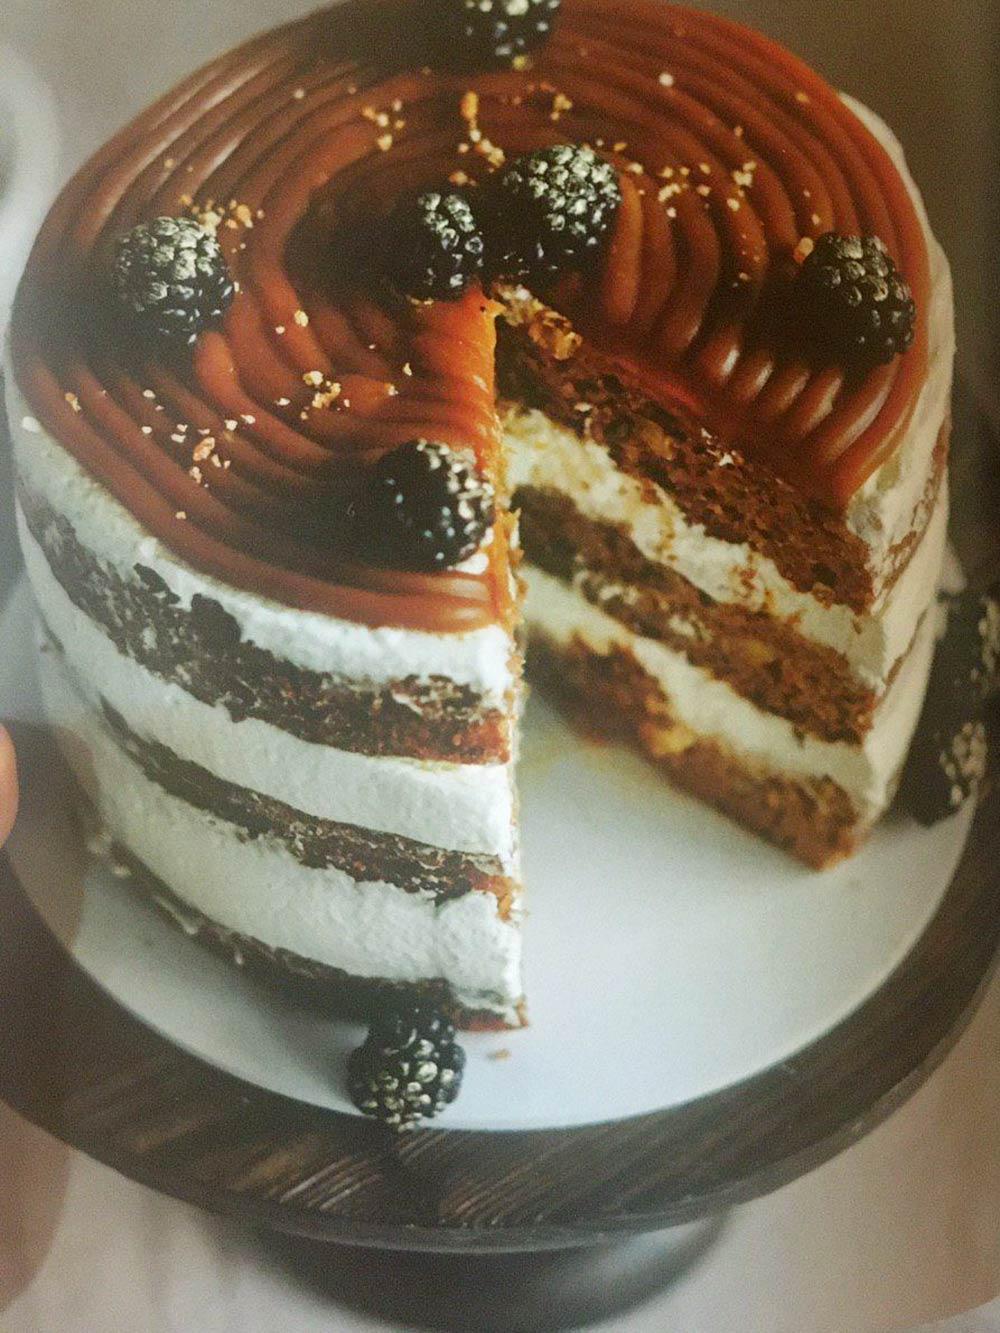 Вот такой торт я планирую приготовить. Фото из книги «Больше чемторт»